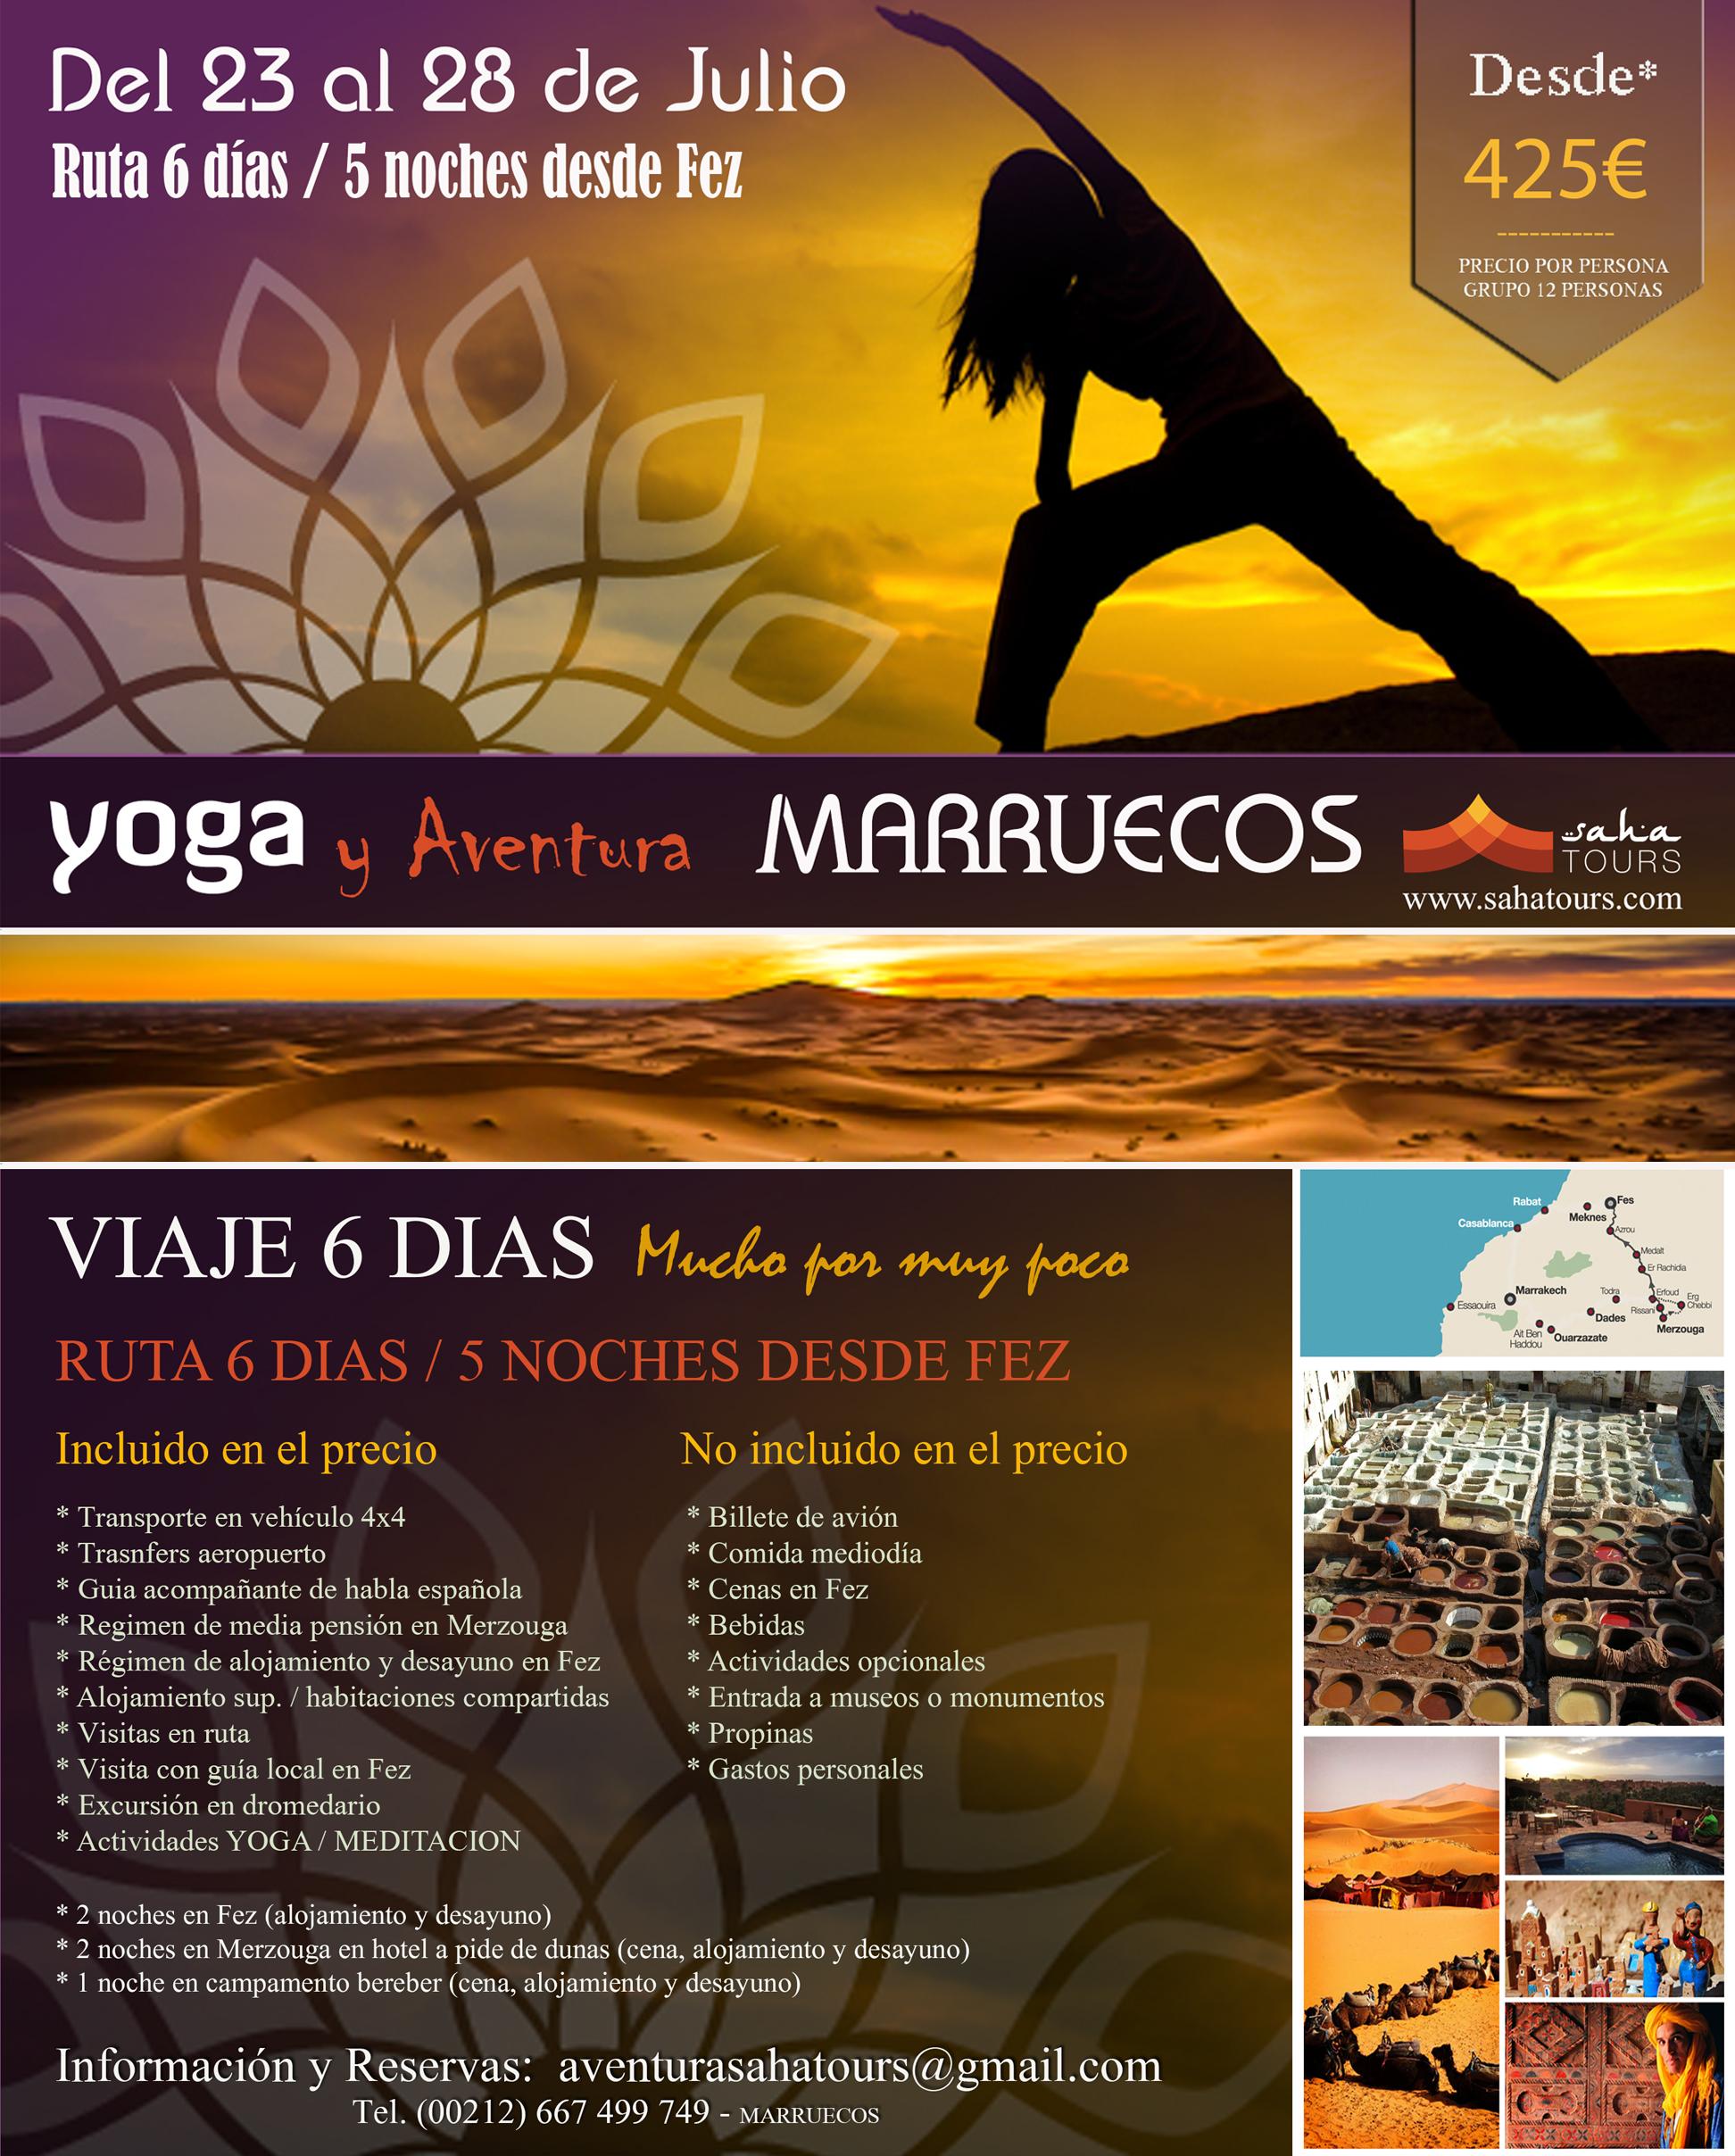 VIAJE A MARRUECOS / AVENTURA / YOGA EN EL DESIERTO / MEDITACION 1